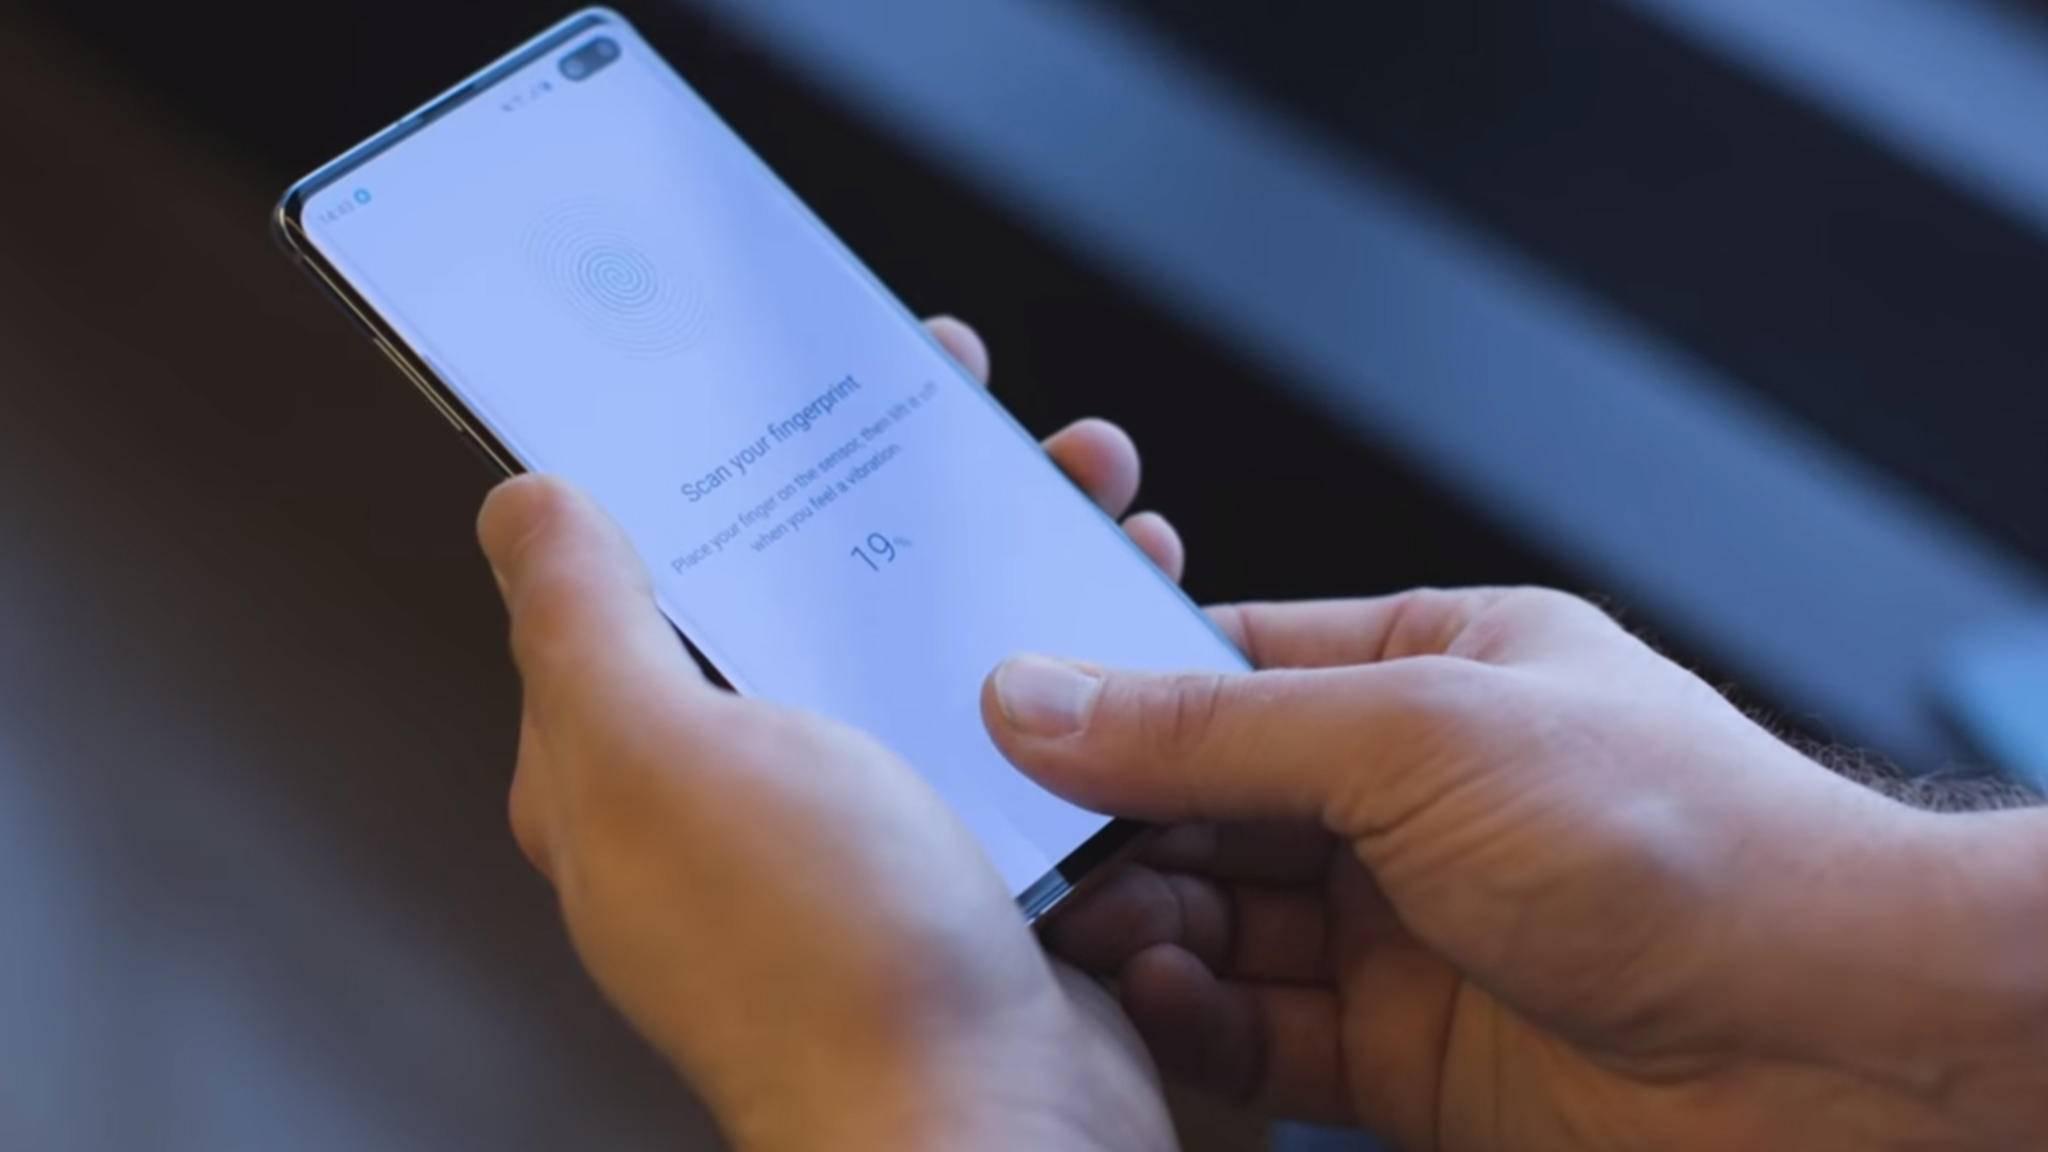 Der Ultraschall-Fingerabdruckscanner im Galaxy S10 Plus ist echtes High-Tech – aber wir brauchen ihn nicht.